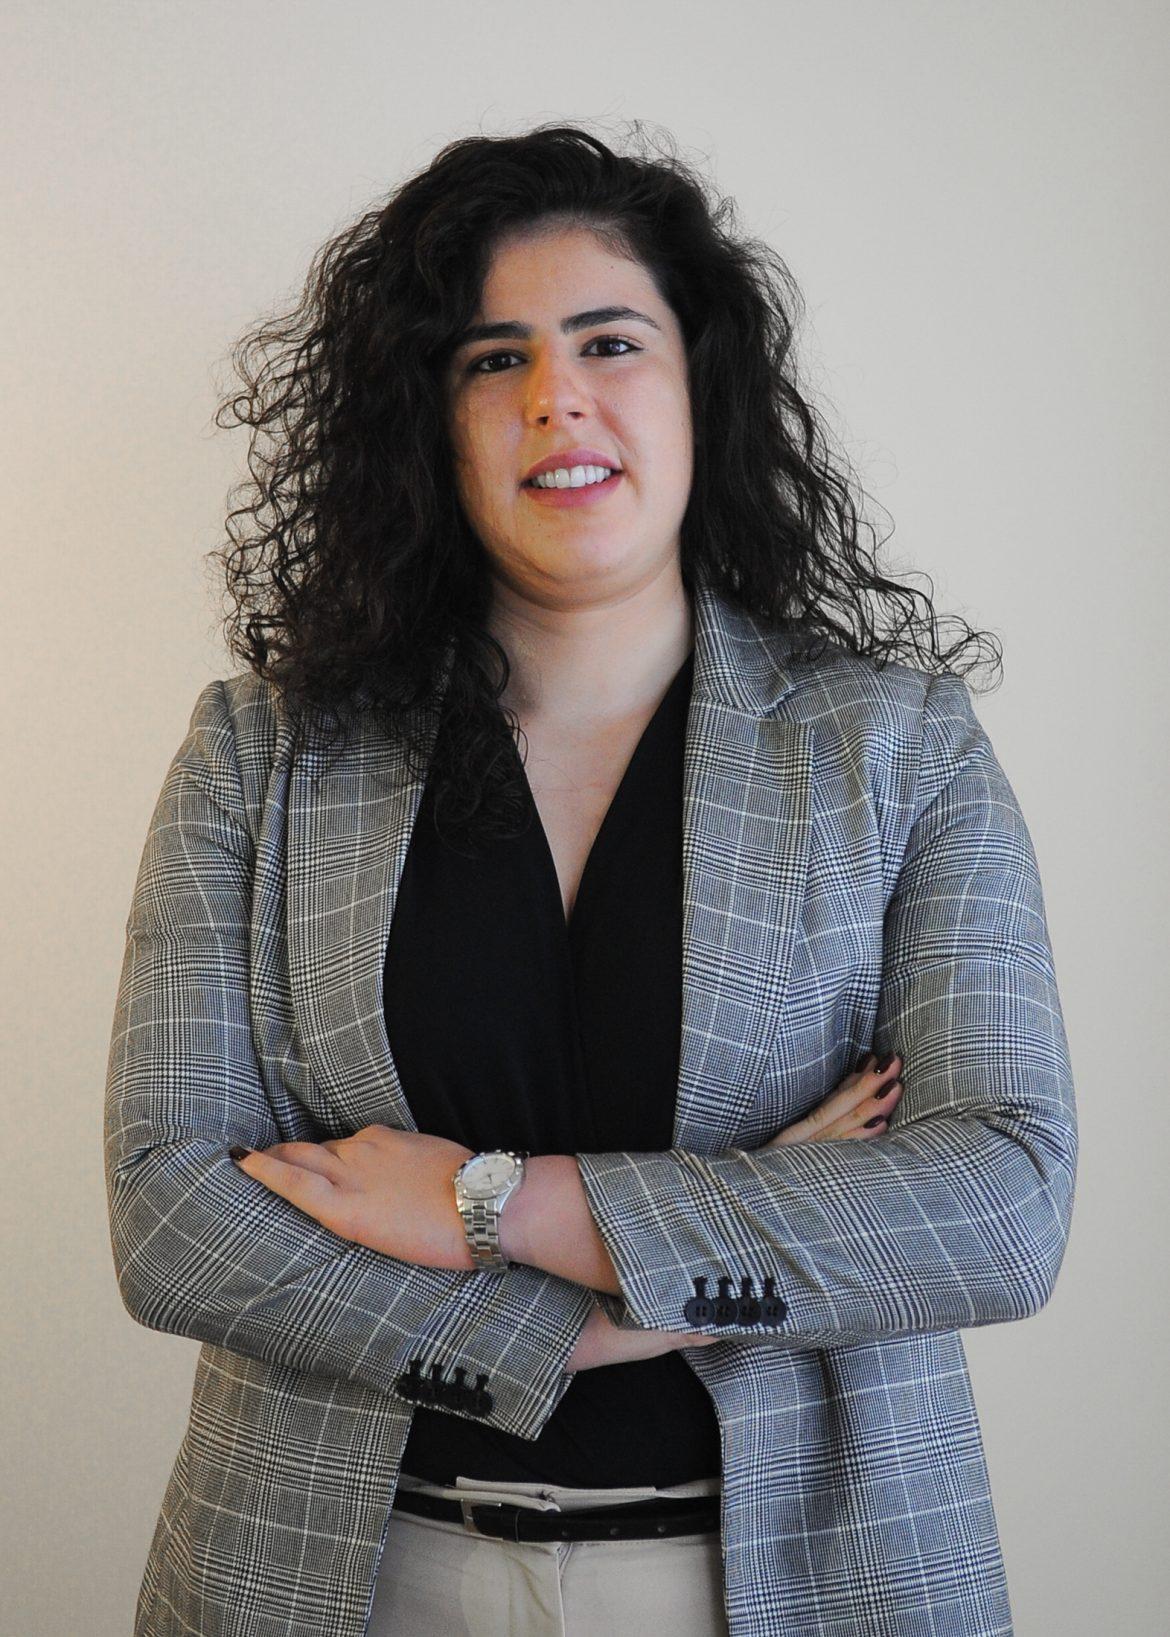 Joana Ferreira da Costa